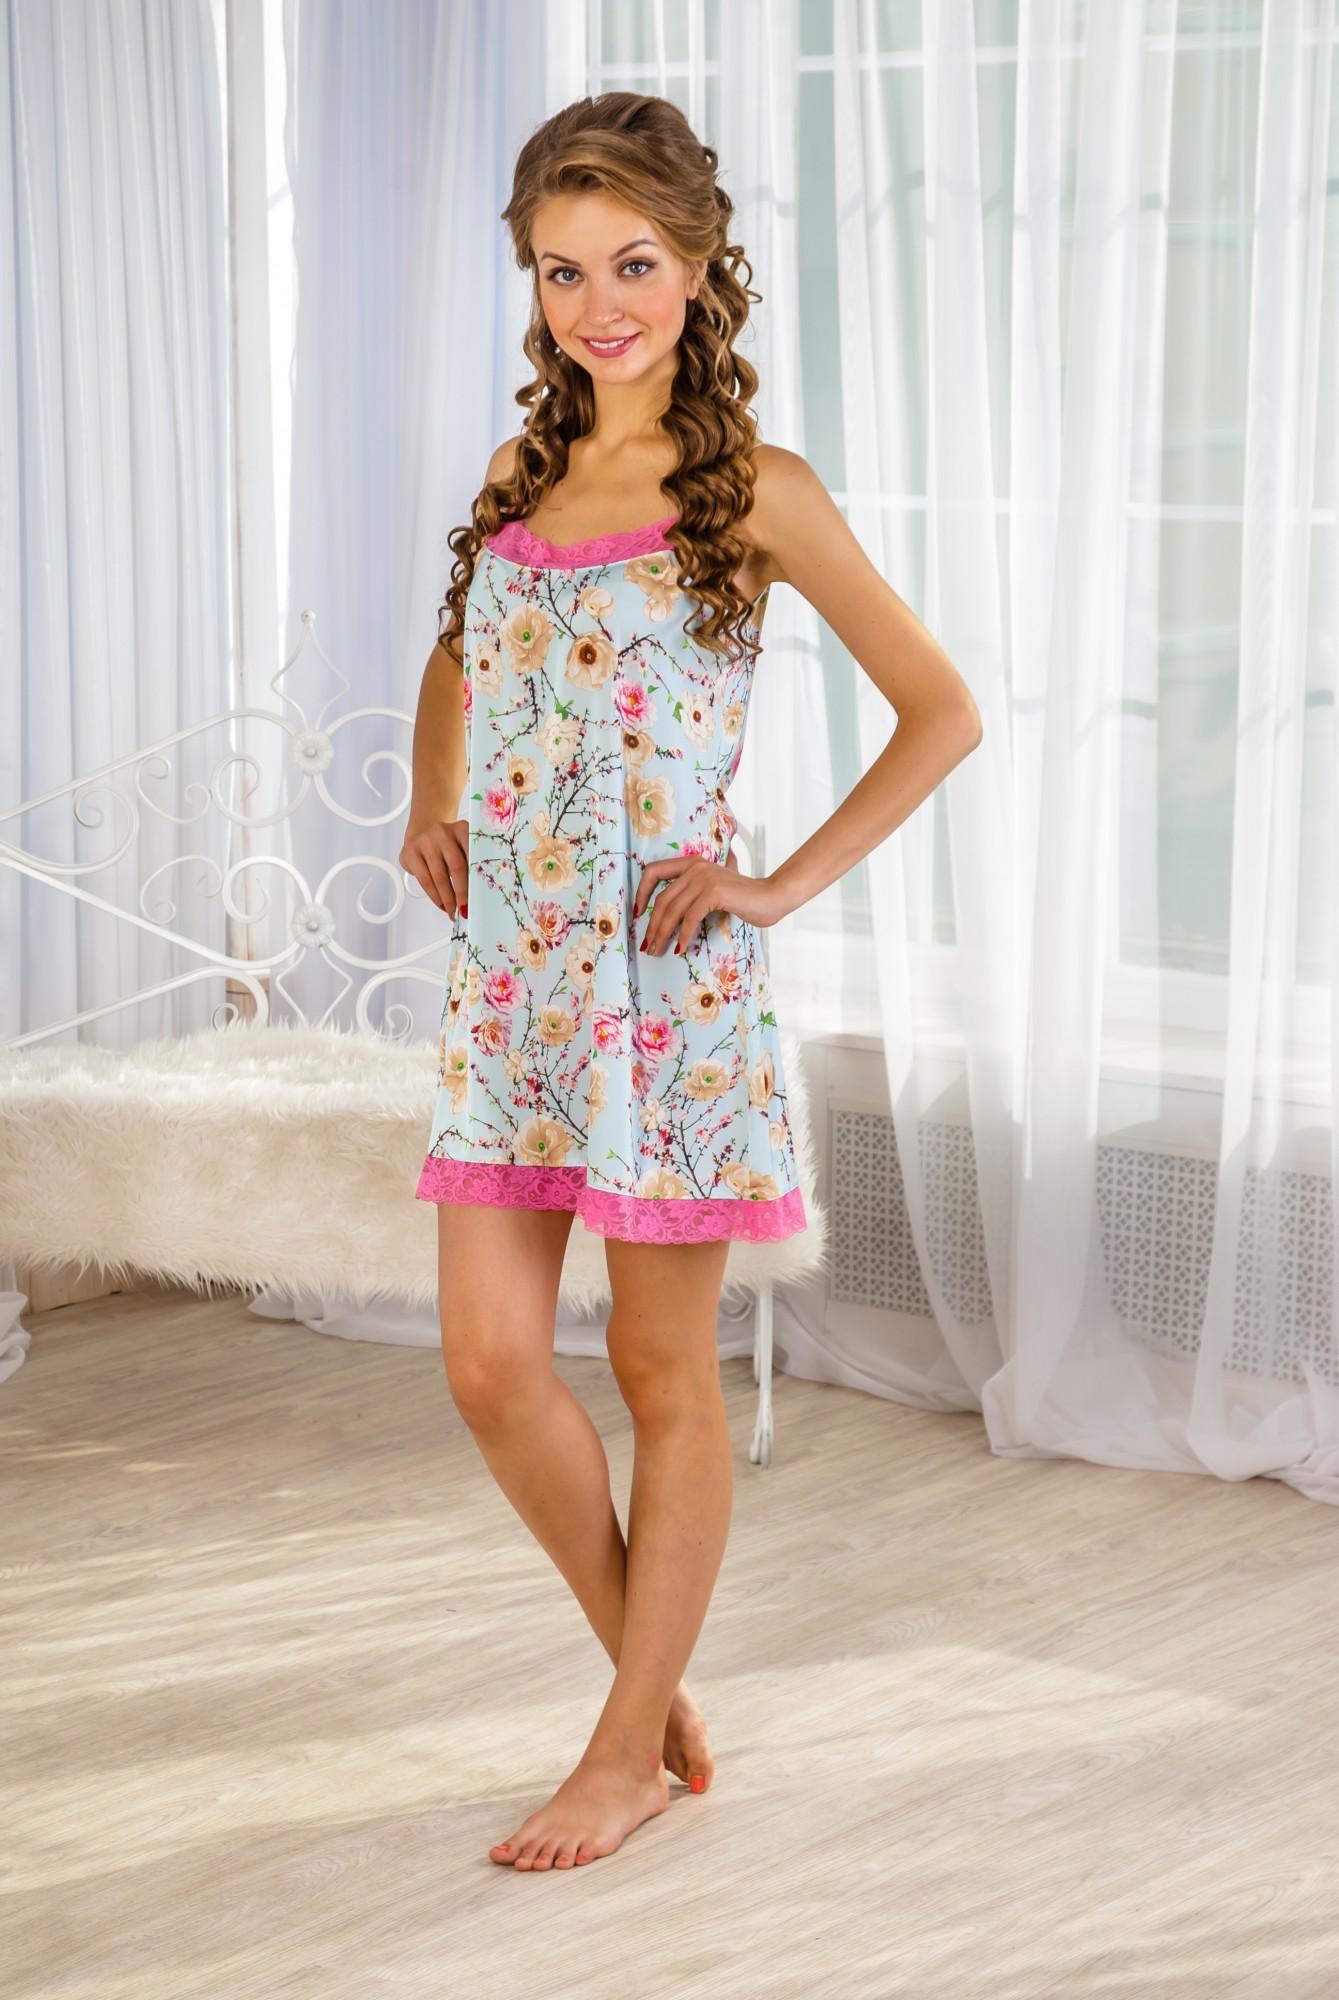 Сорочка женская БуржуаСорочки<br><br><br>Размер: 46